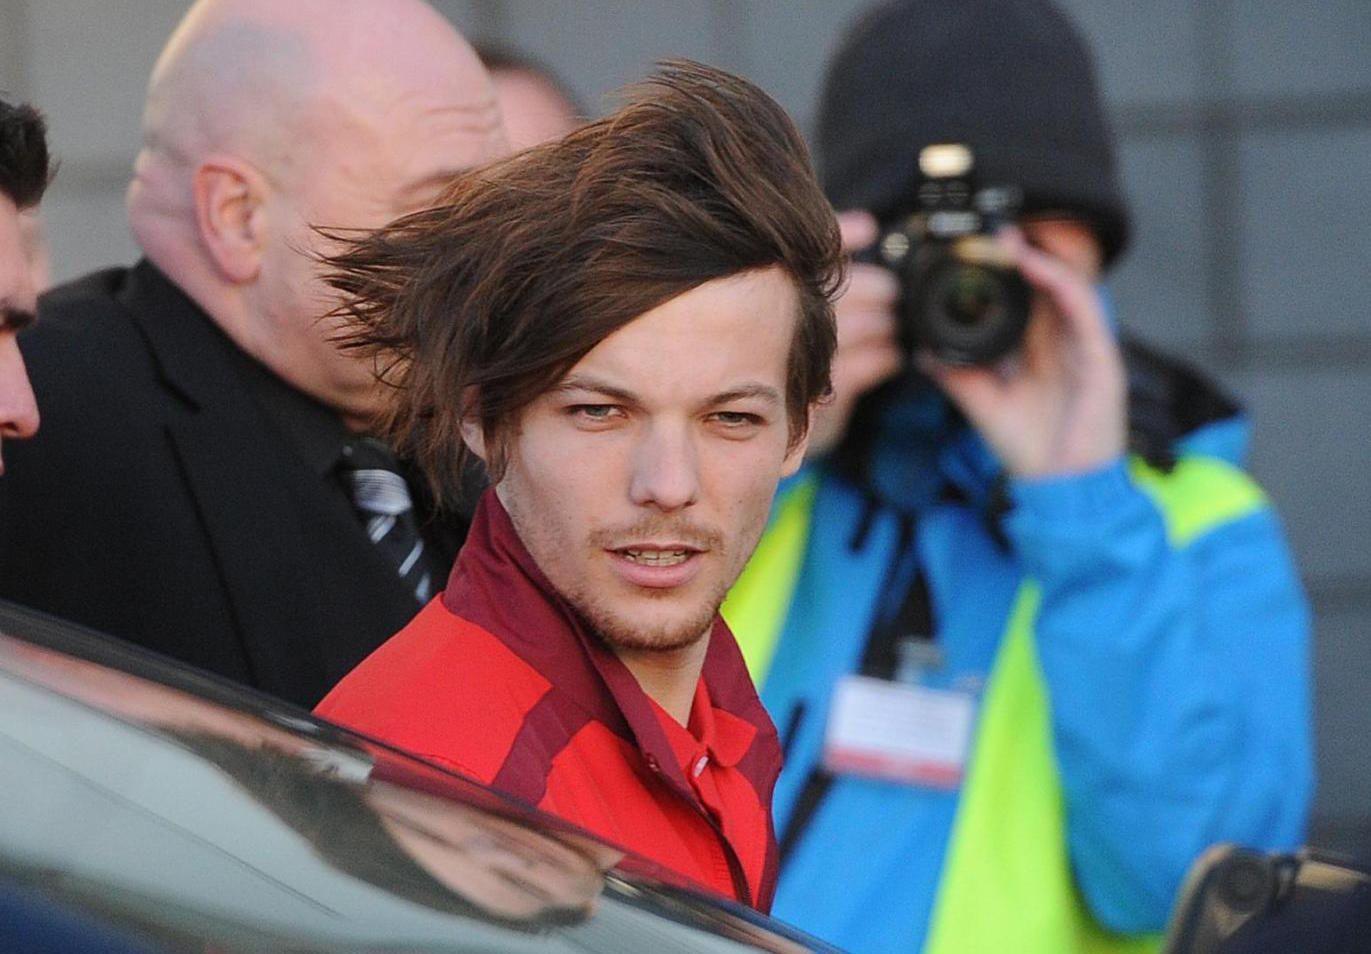 Louis Tomlinson degli One Direction gay? Il presunto coming out del cantante